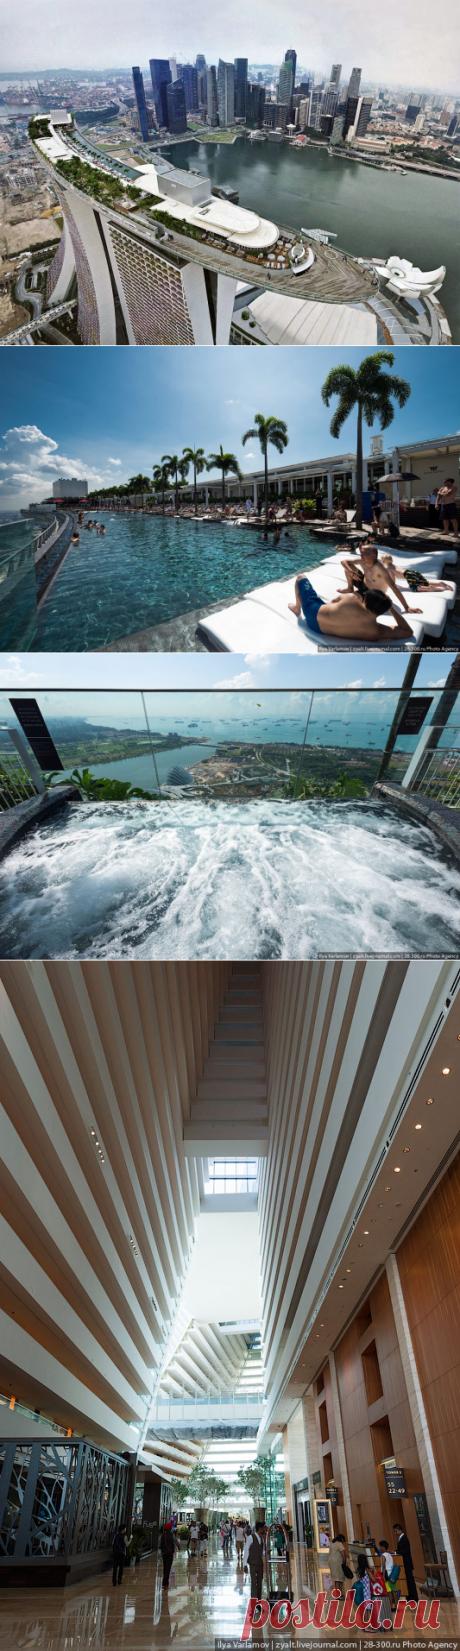 Отель Marina Bay Sands, бассейн под облаками — Вокруг Мира